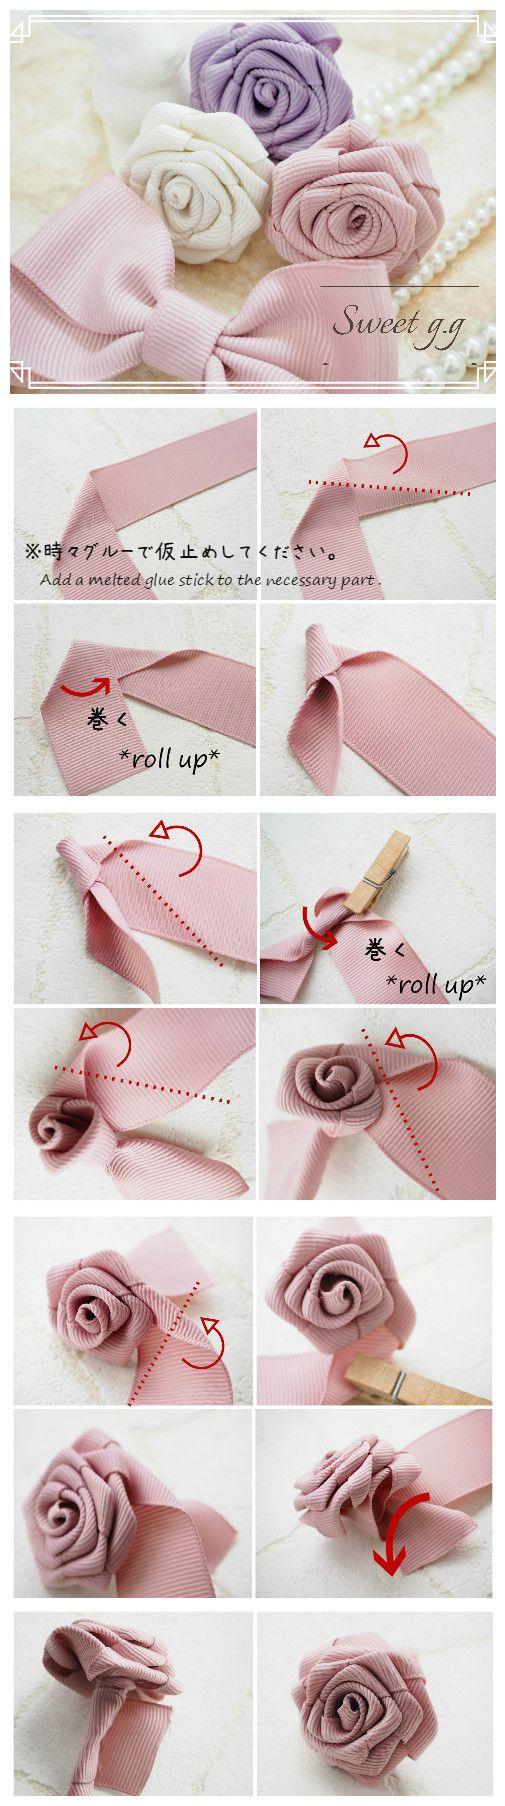 簡単かわいい巻きバラの作り方 ~グログランリボンで巻きバラ~ ※折りながら巻くだけです♥ ほどけないように、時々グルーで固定しながら作ってください。